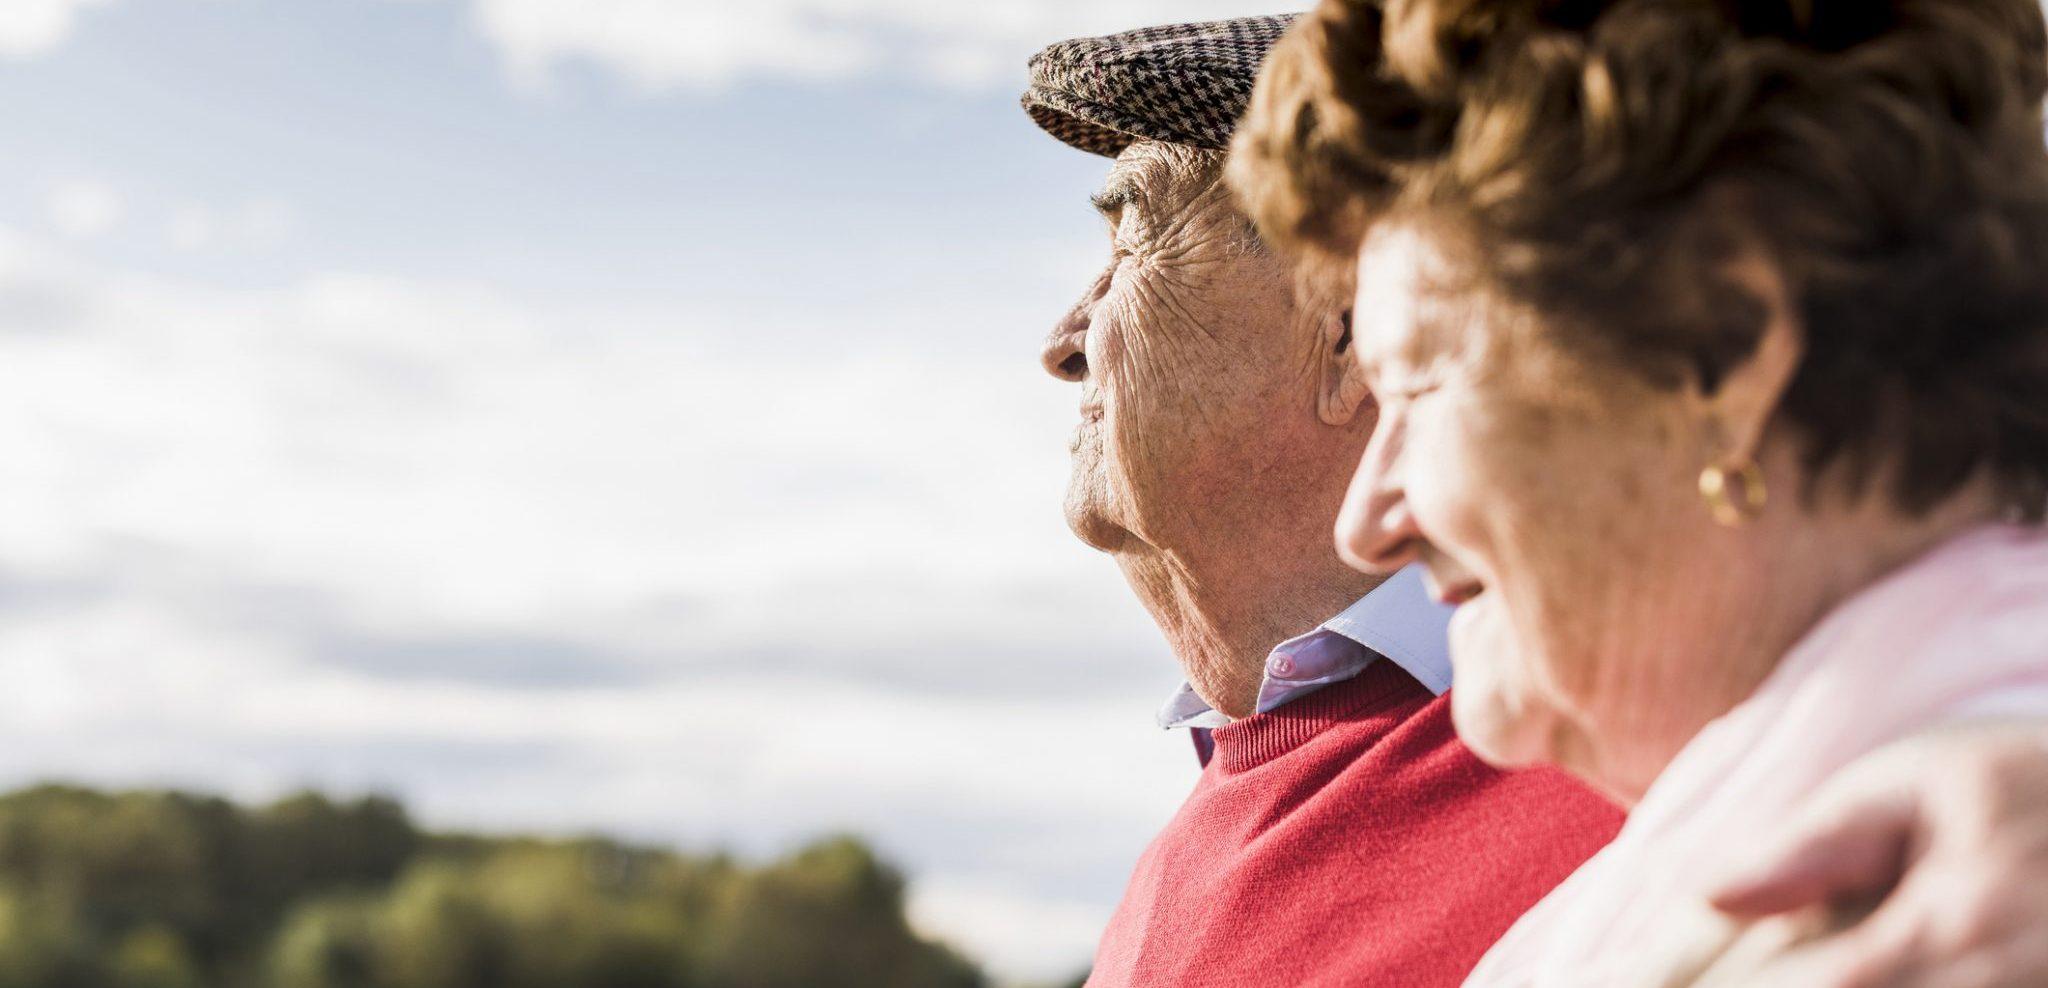 Keep Older Loved Ones Safe While Social Distancing